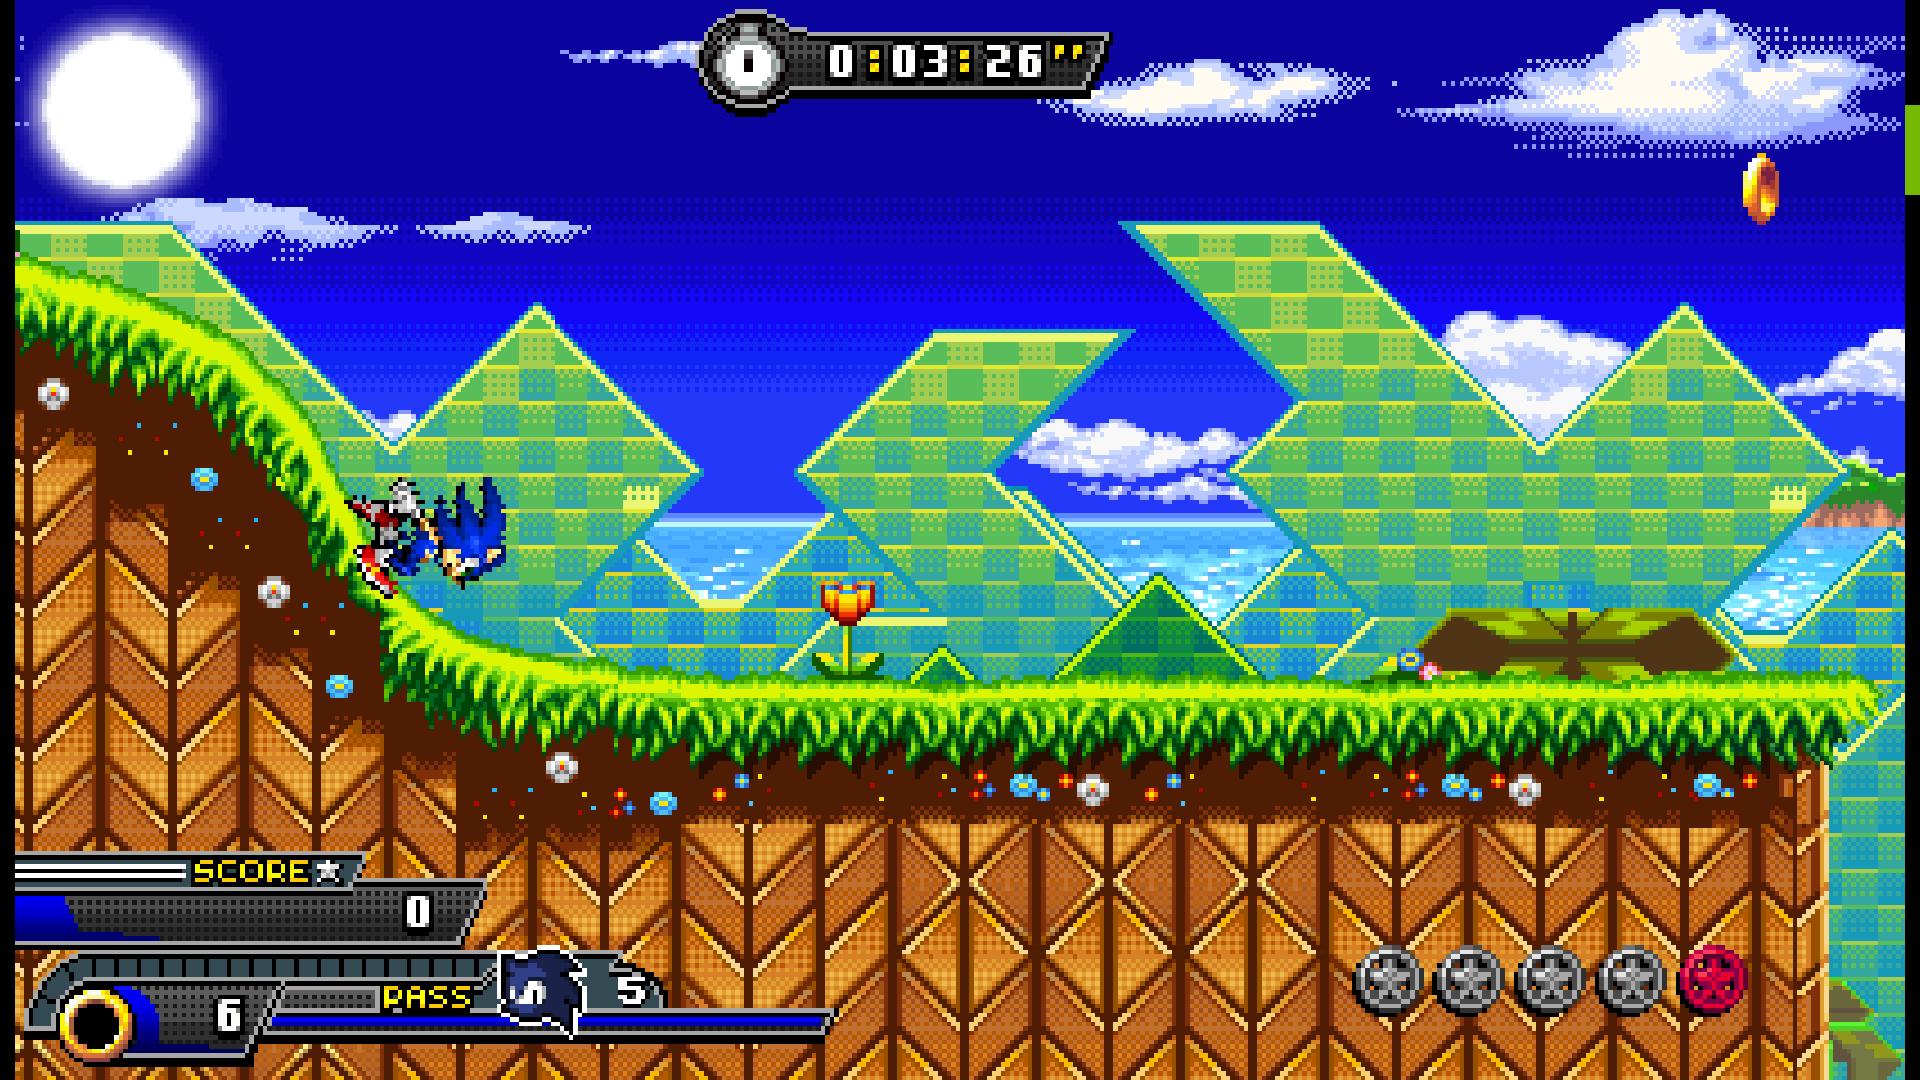 Sonic Advance 4 Advanced 8_20_2020 11_46_36 PM.png